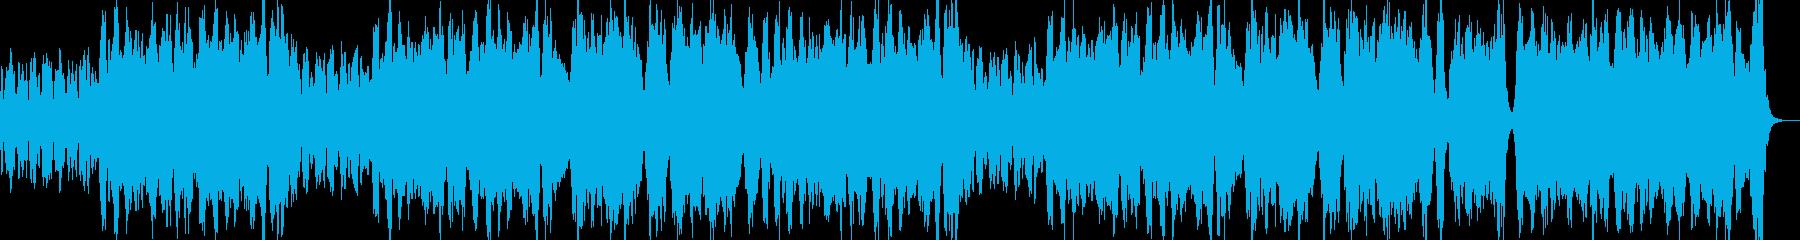 ロシア風オーケストラワルツの再生済みの波形